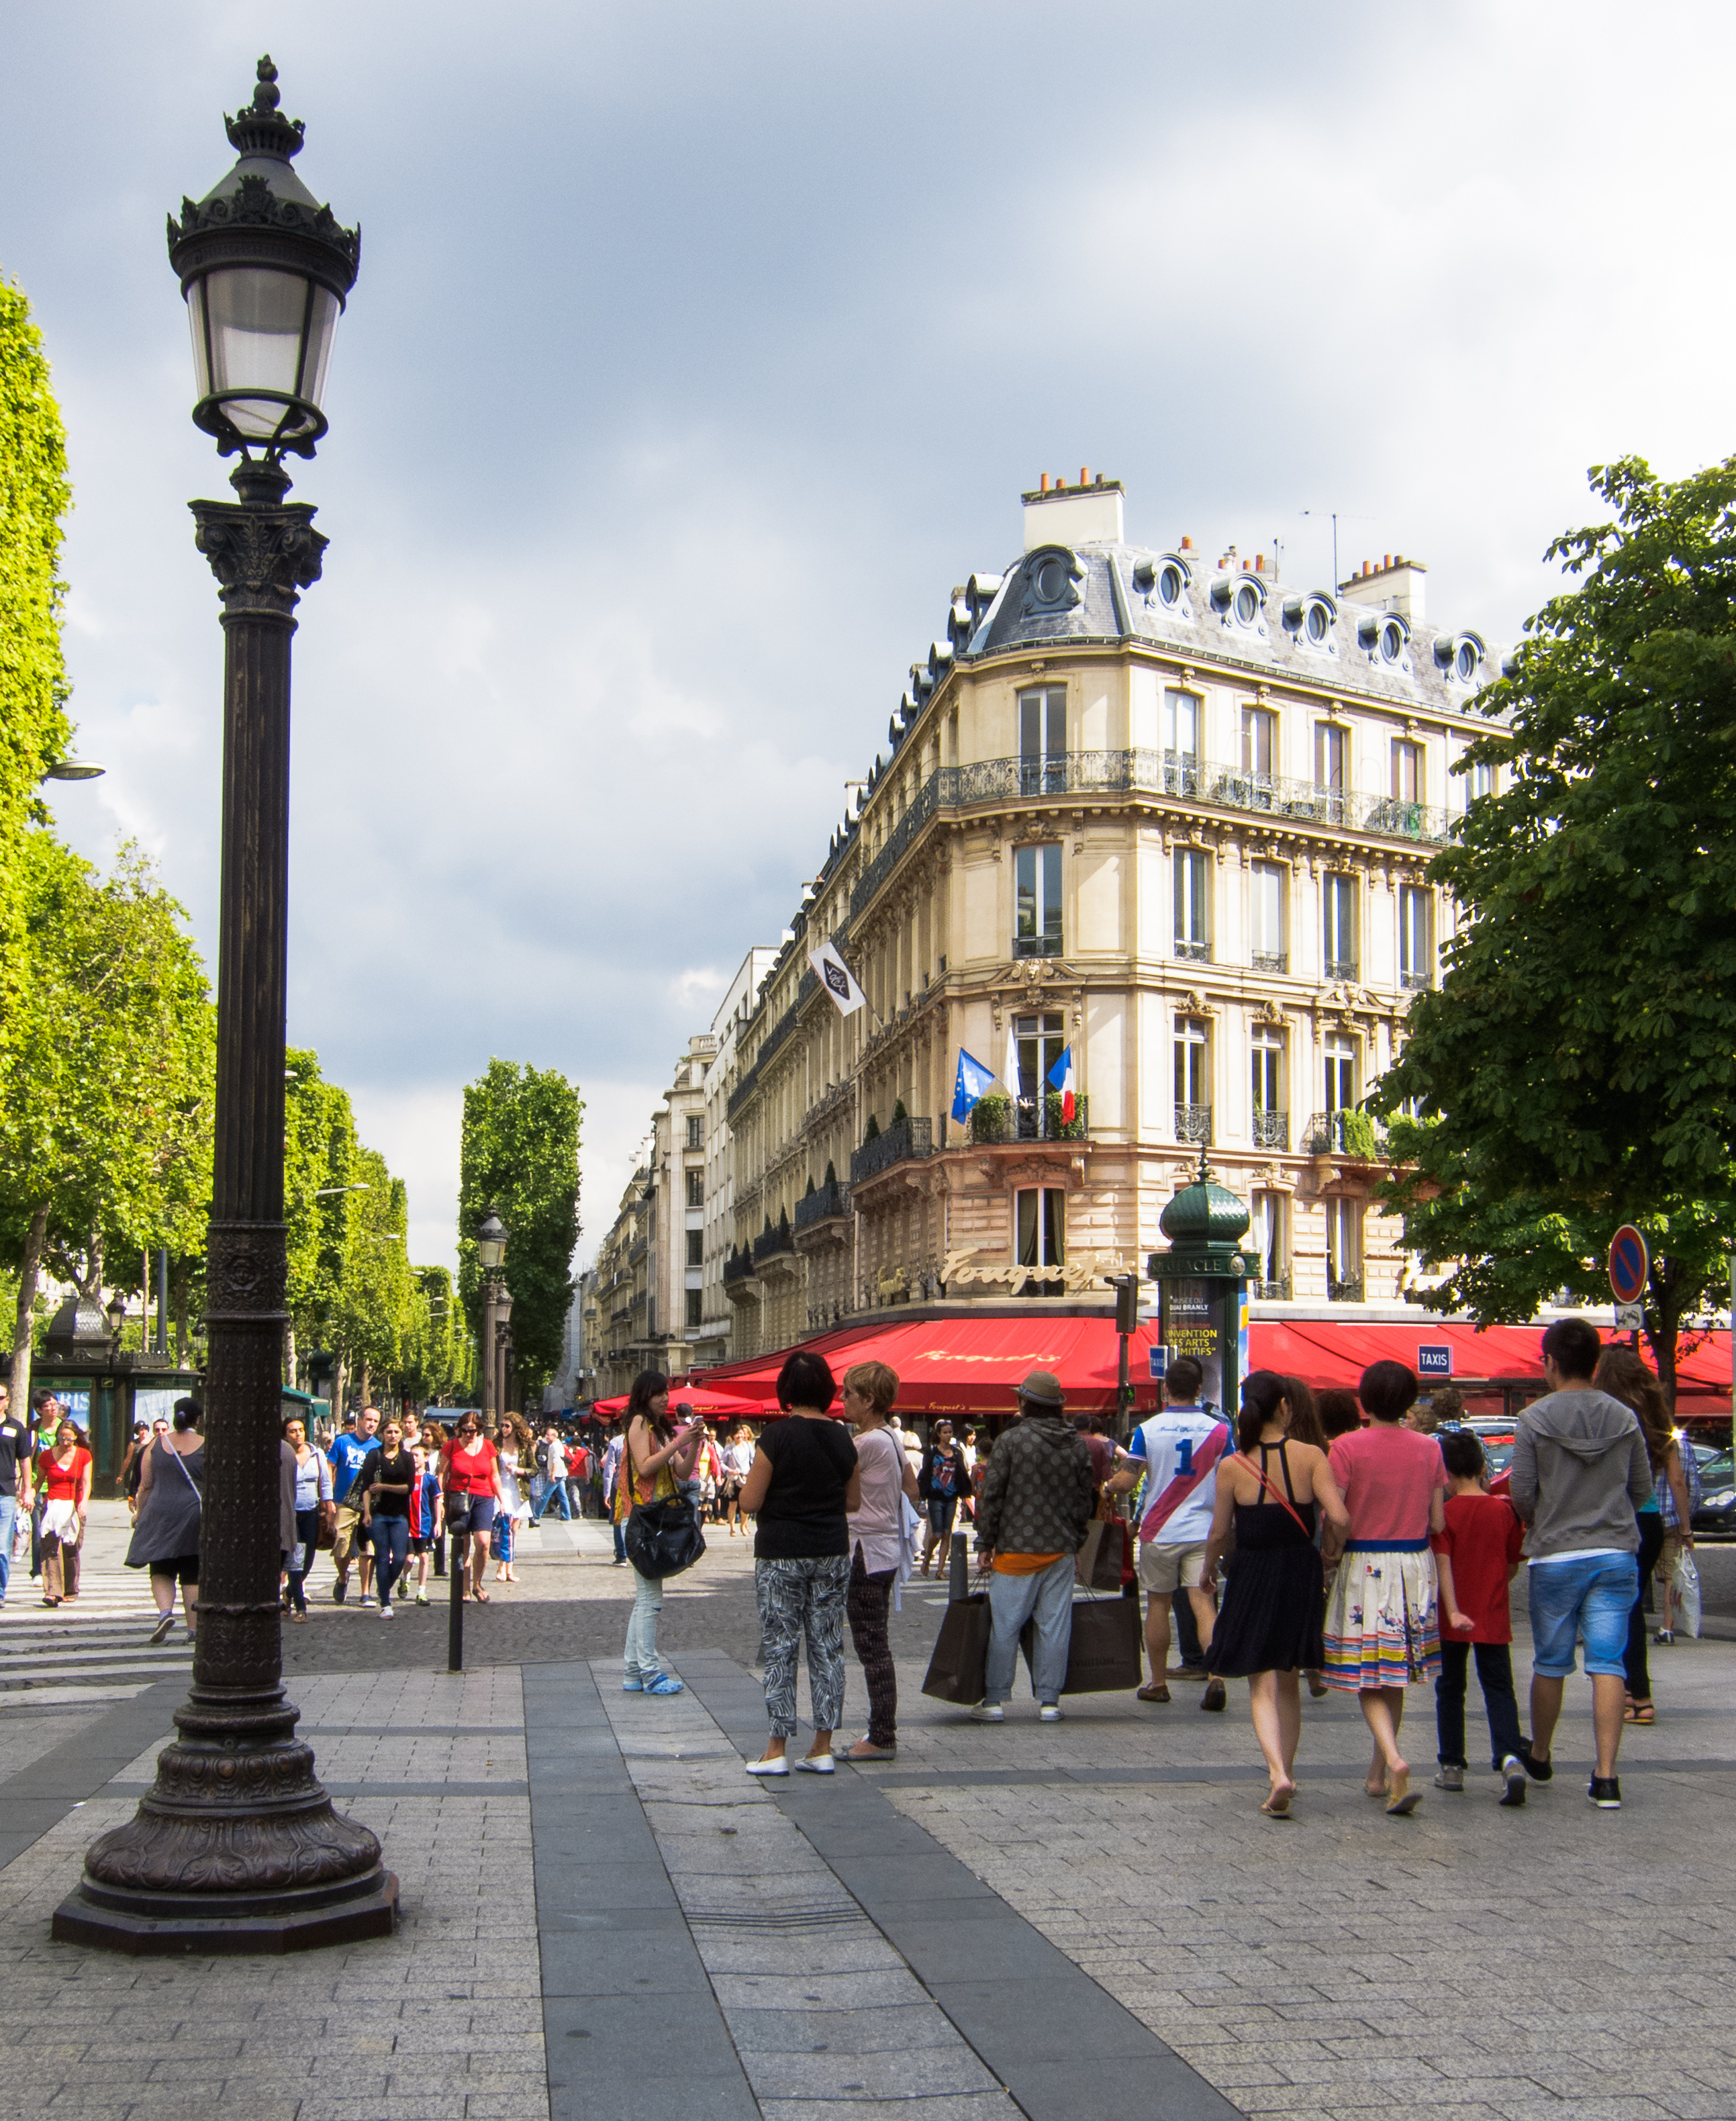 paris lighting street - photo #18